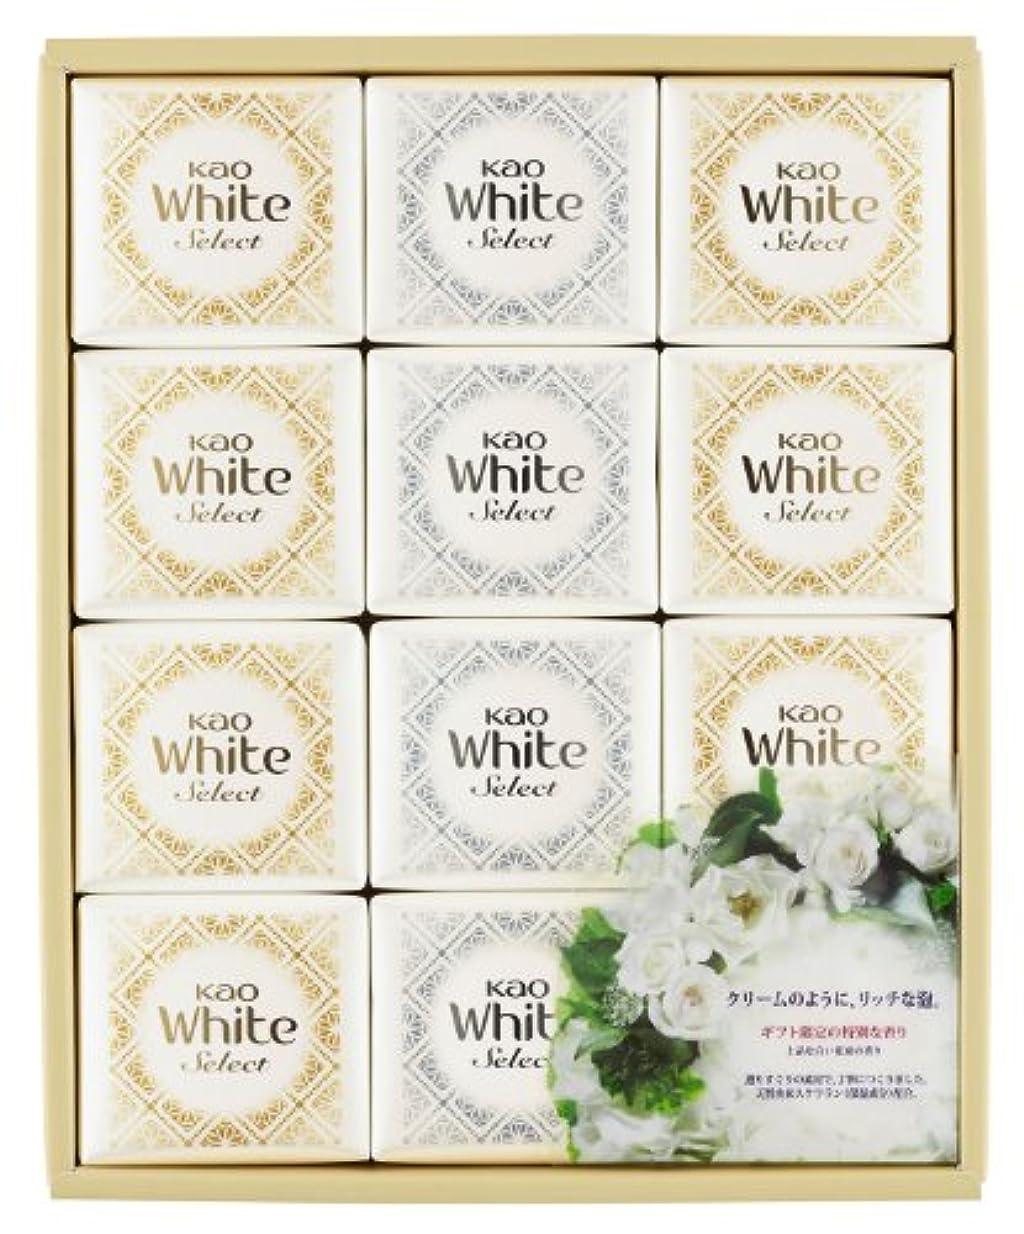 花王ホワイト セレクト 上品な白い花束の香り 85g 12コ K?WS-20